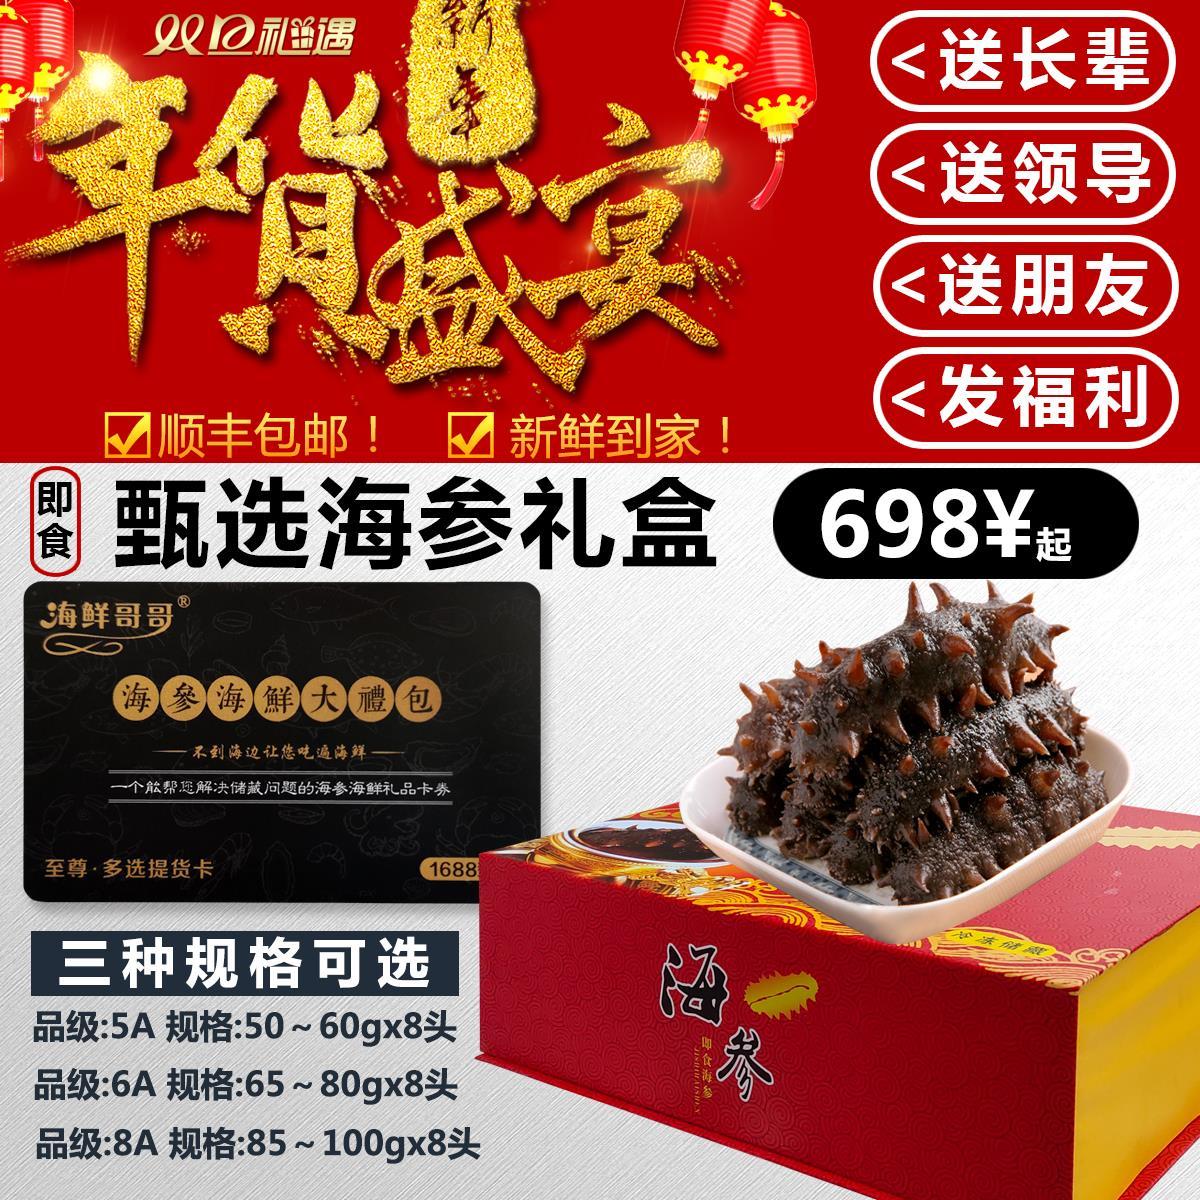 礼券海鲜大礼包龙虾年货礼盒2788型春节礼品册海鲜提货券